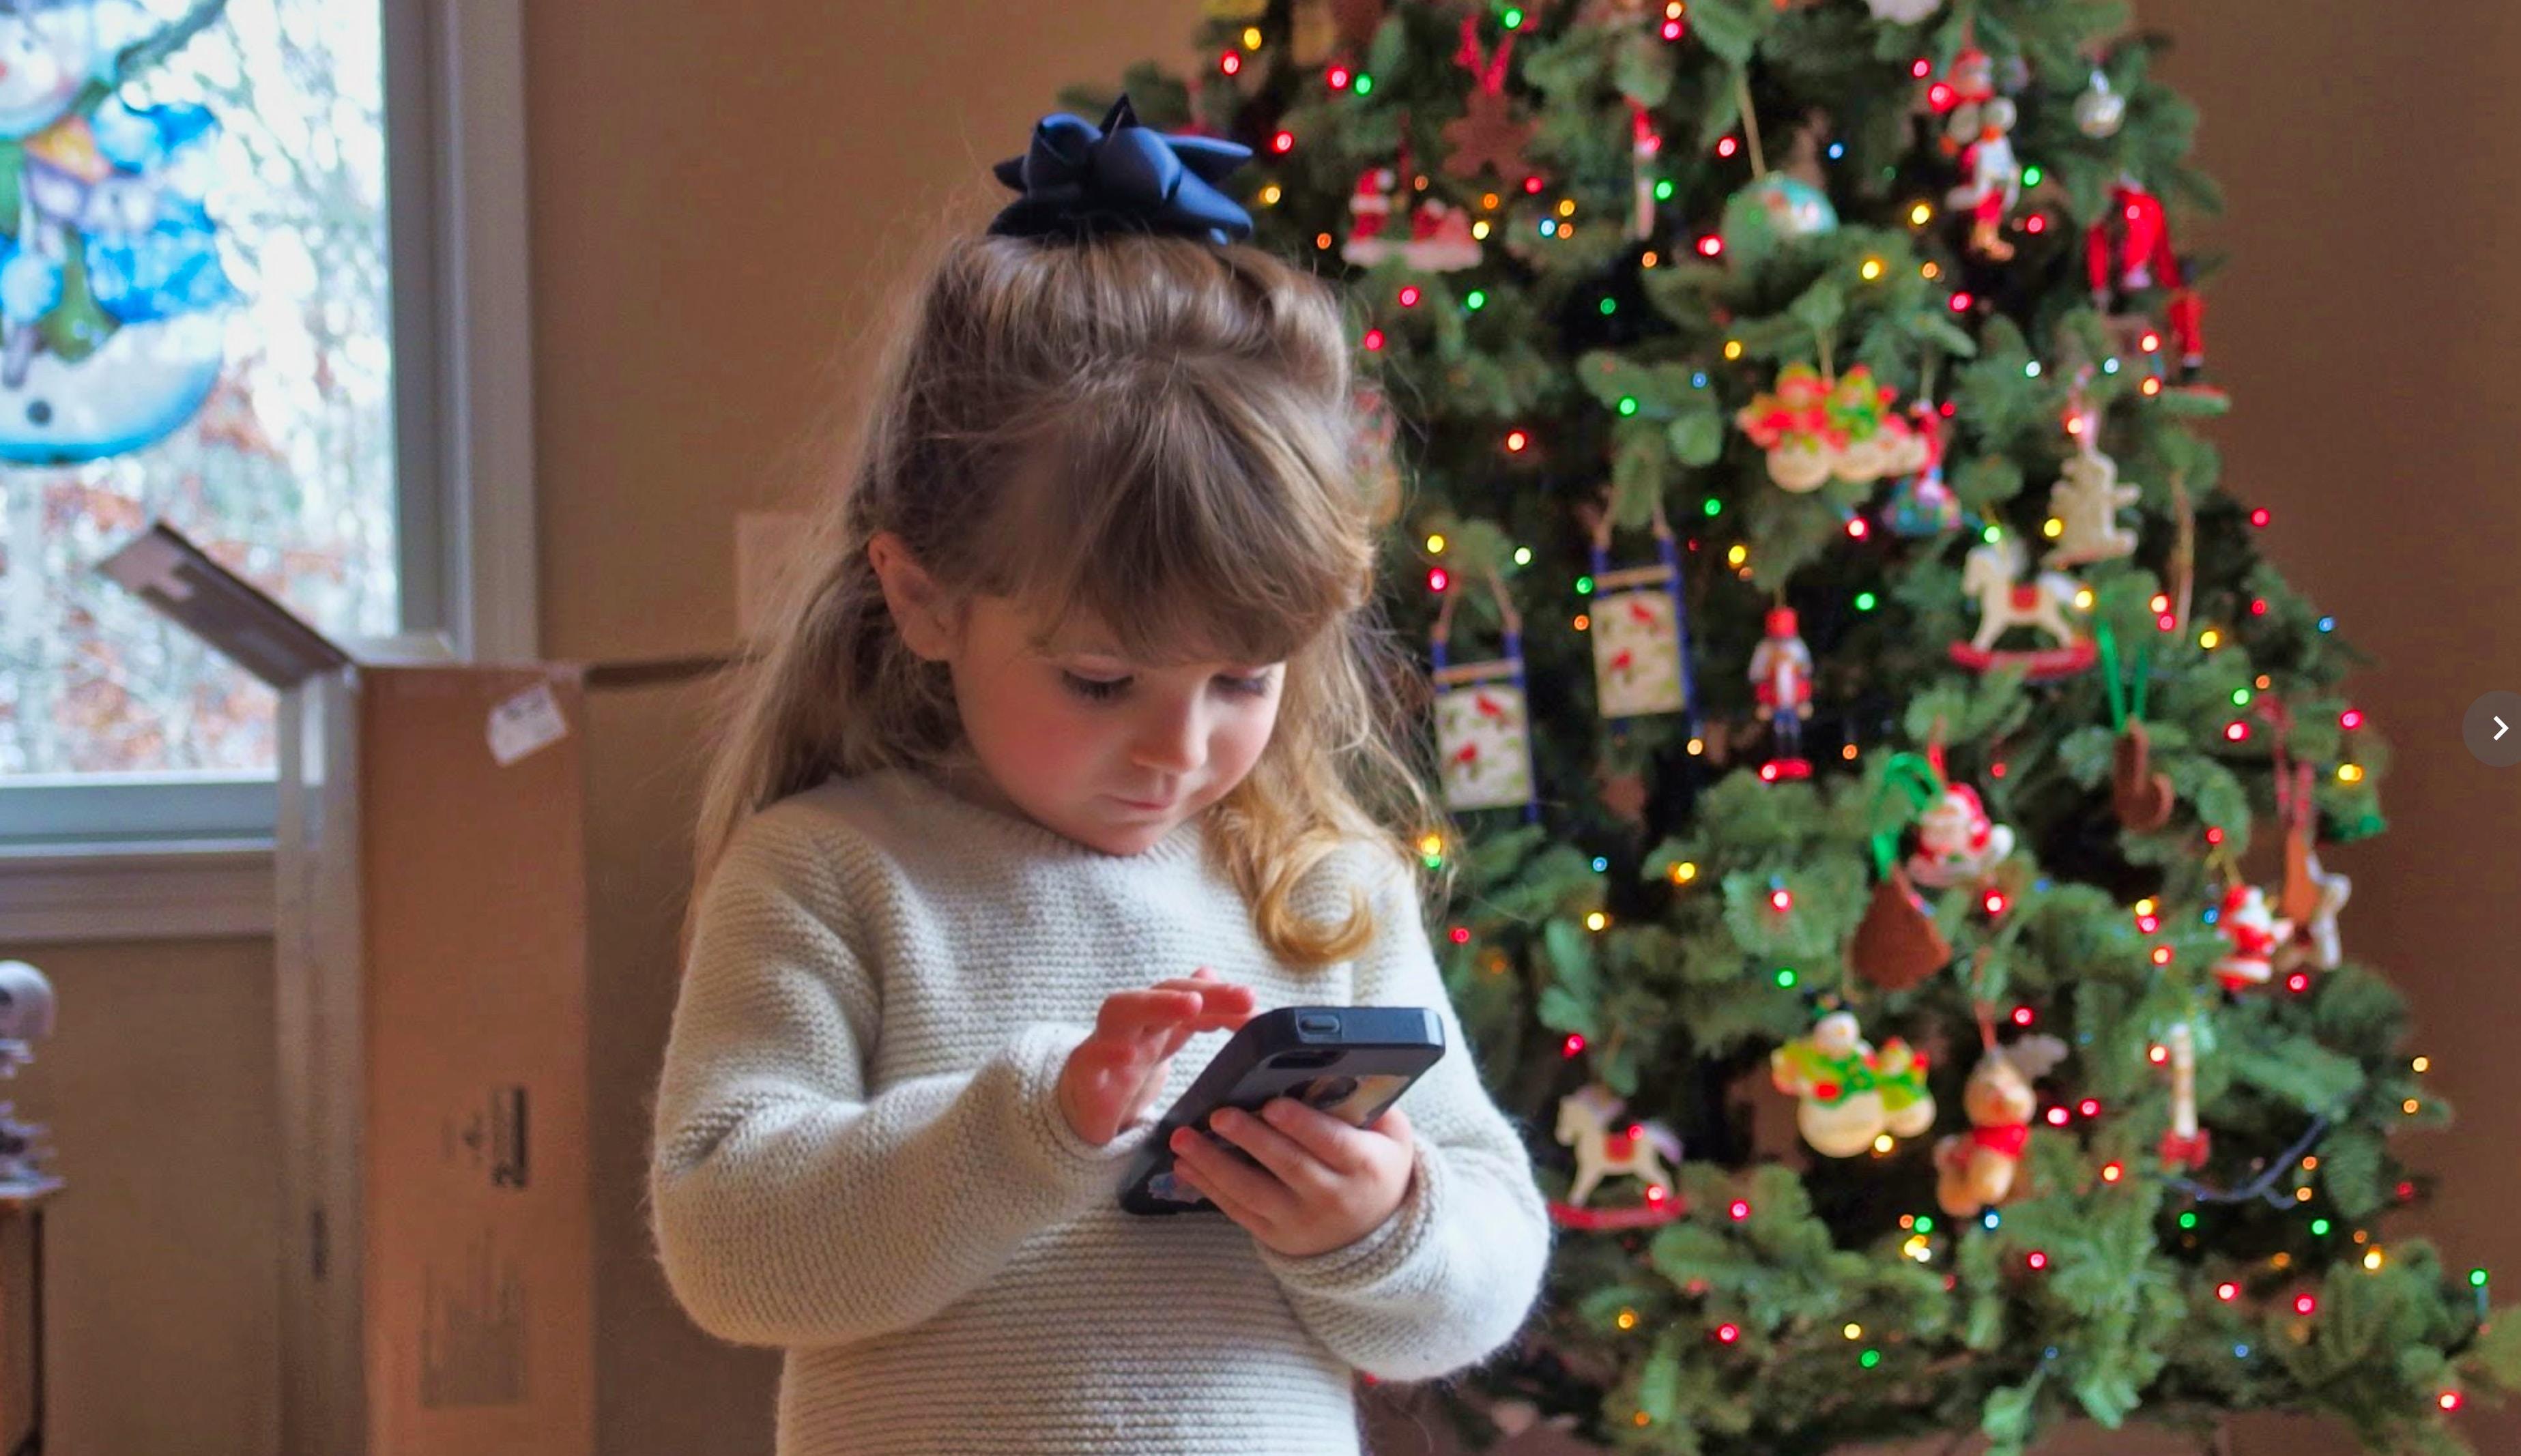 Les 5 meilleures utilisations des SMS pour les fêtes de fin d'année